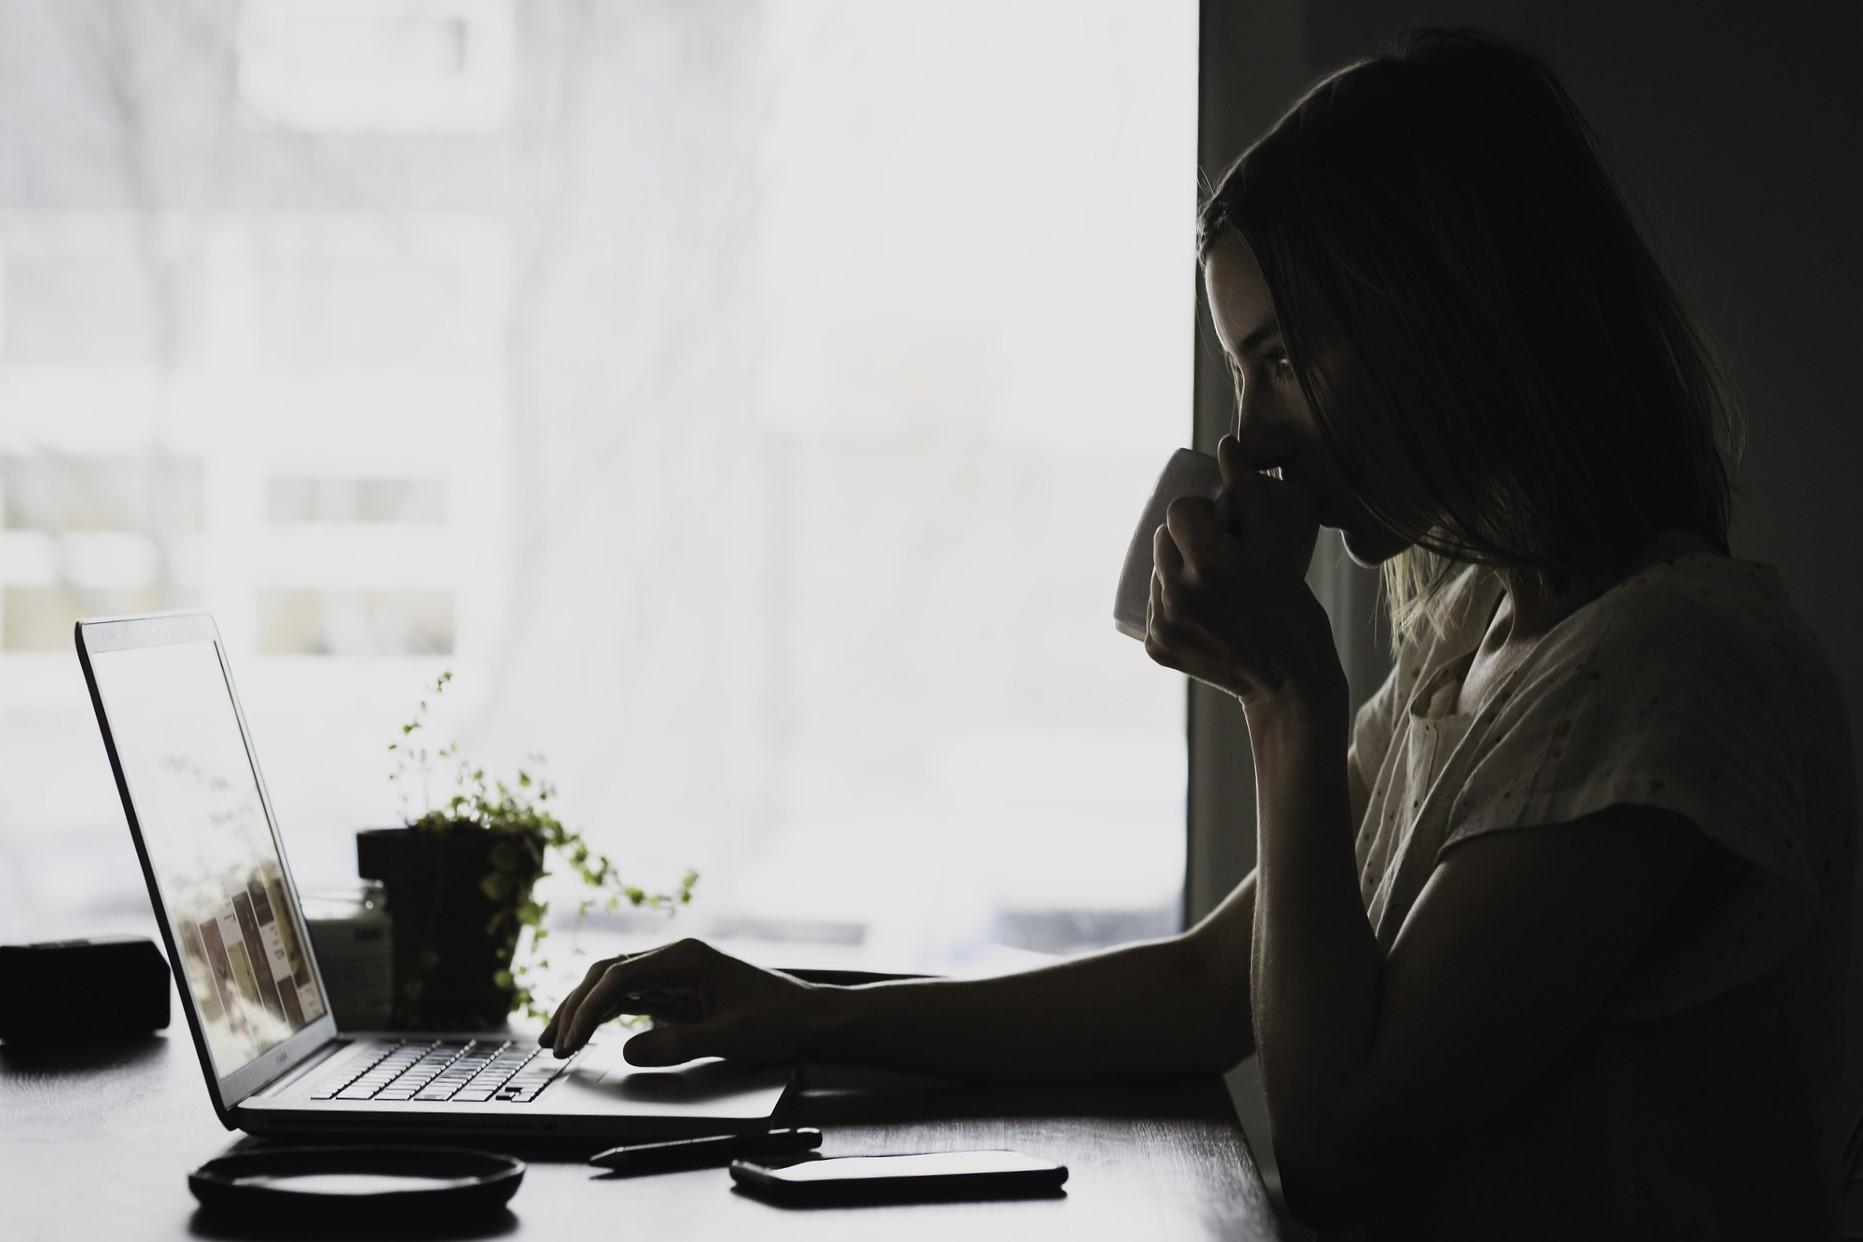 tratamiento de drogadicción online - oscuro